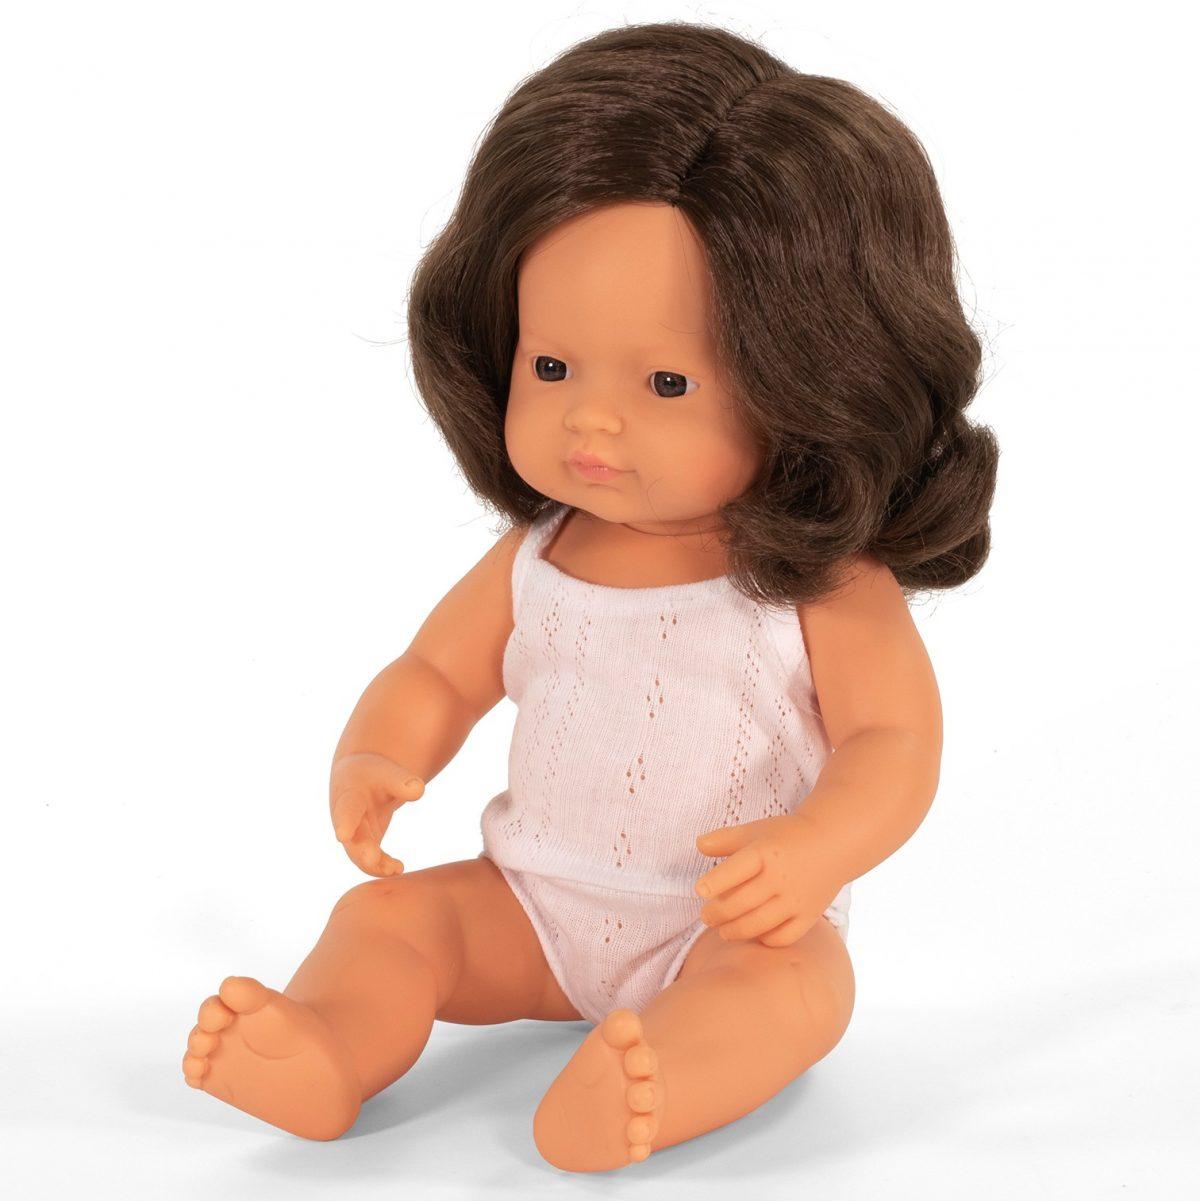 MINILAND lalka dziewczynka Europejka BRĄZOWE włosy 38 cm